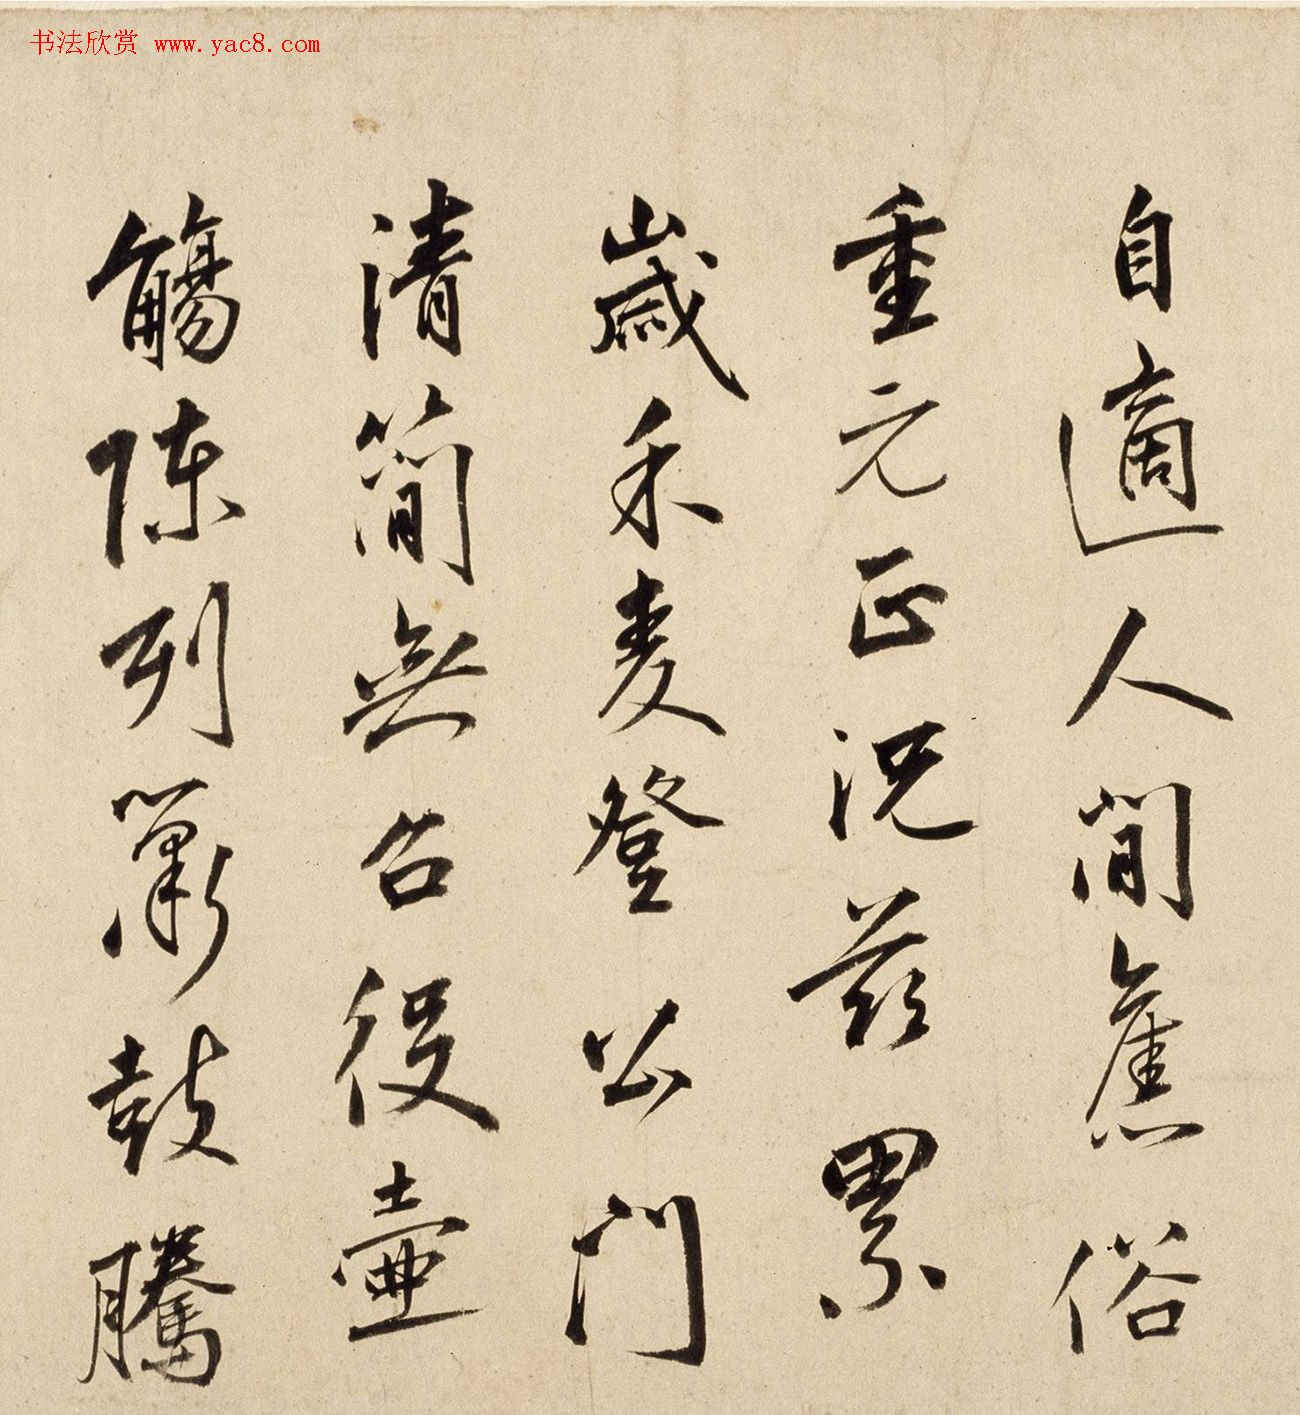 明宣德皇帝朱瞻基行书《新春诗》